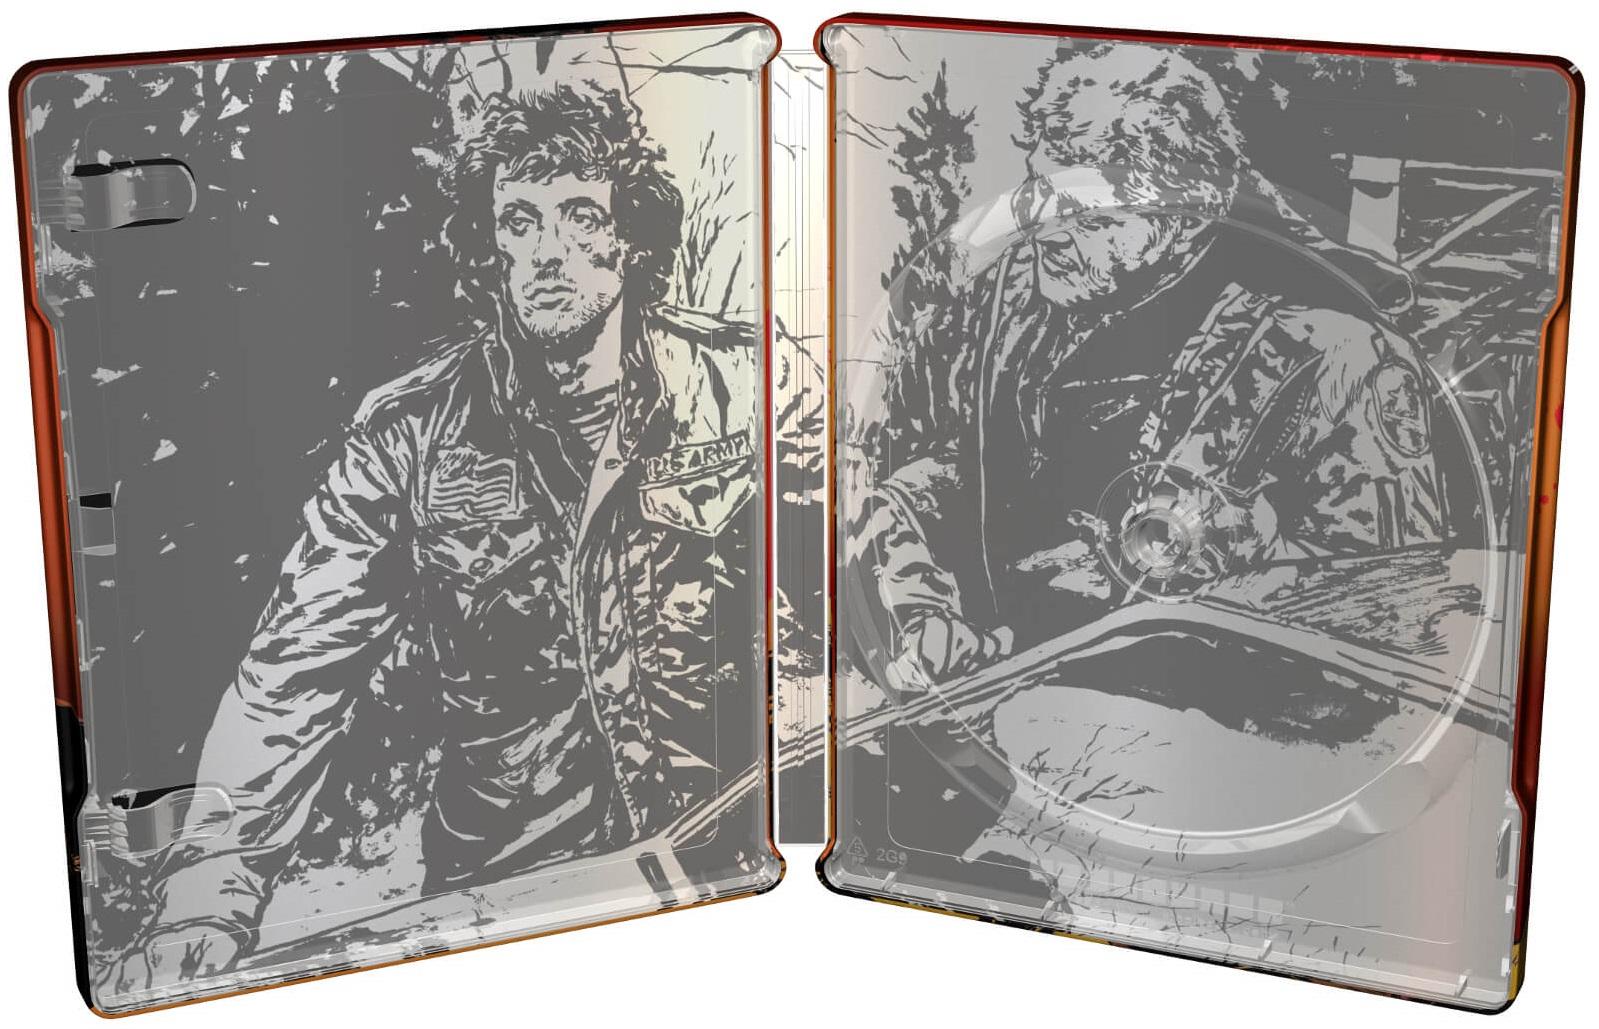 Rambo: First Blood SteelBook inside